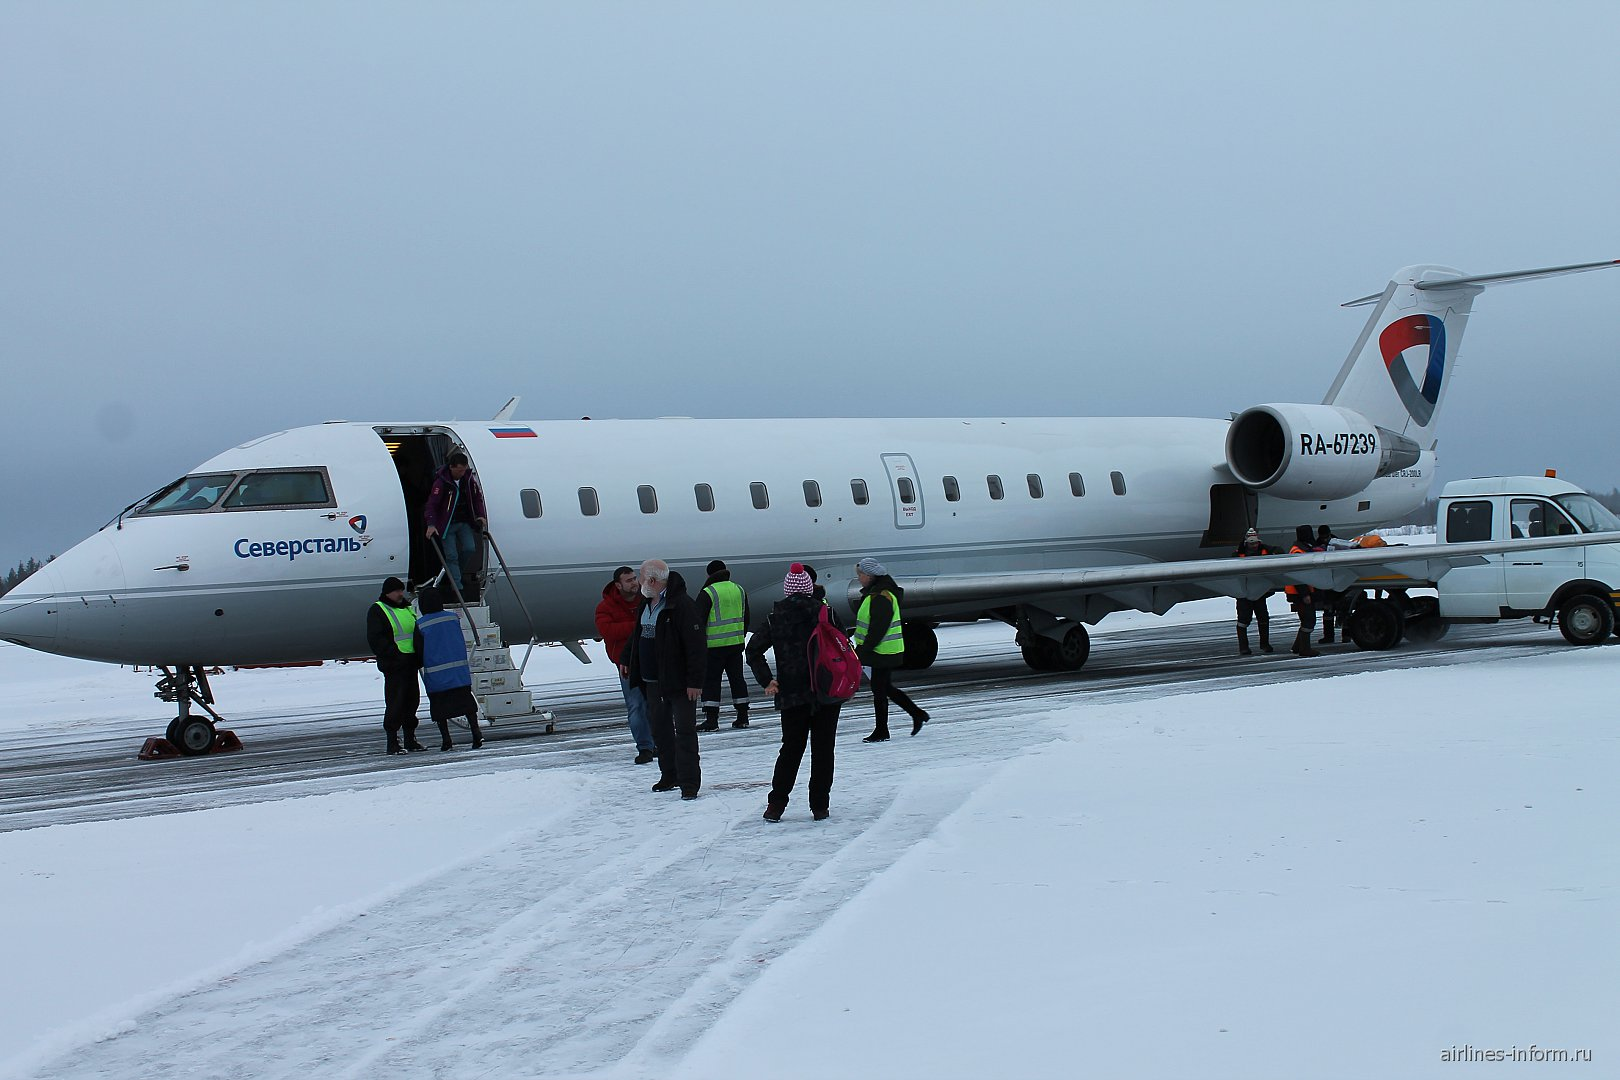 """Самолет Bombardier CRJ200 авиакомпании """"Северсталь"""" в аэропорту Апатиты"""